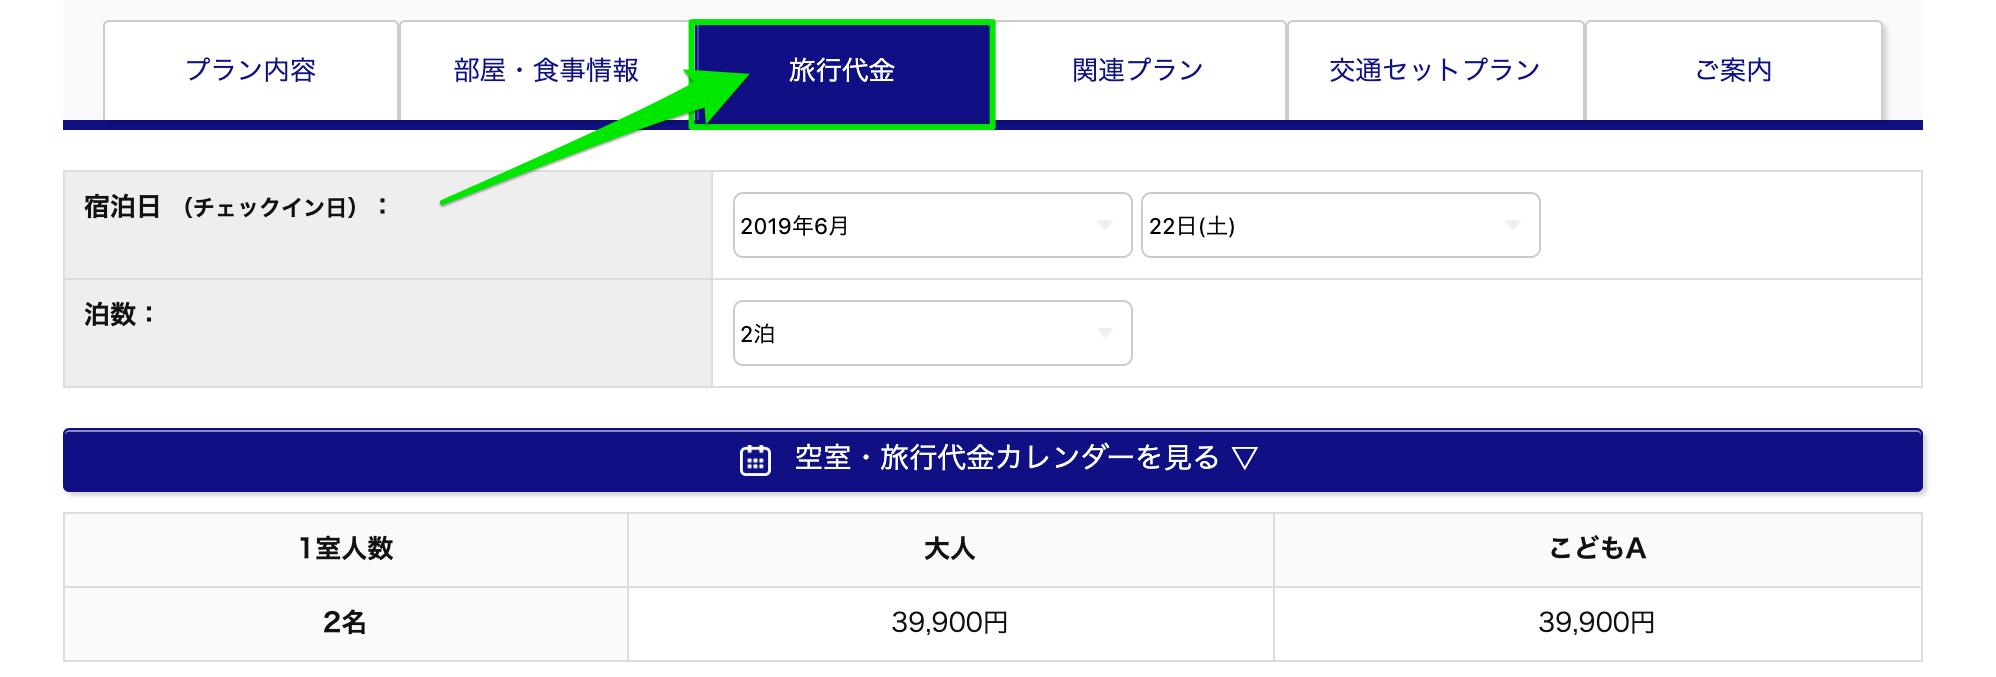 日本旅行で国内ホテル・宿の旅行代金を確認